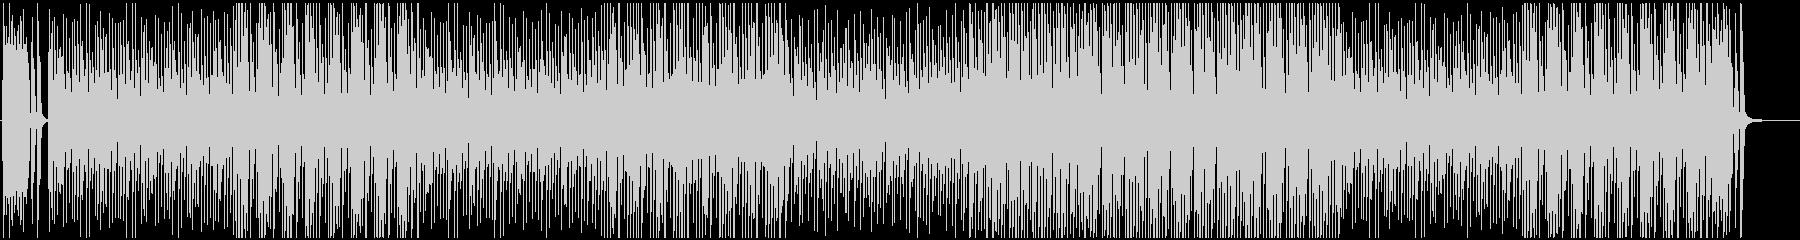 マリンバを使ったほのぼの・コミカルBGMの未再生の波形